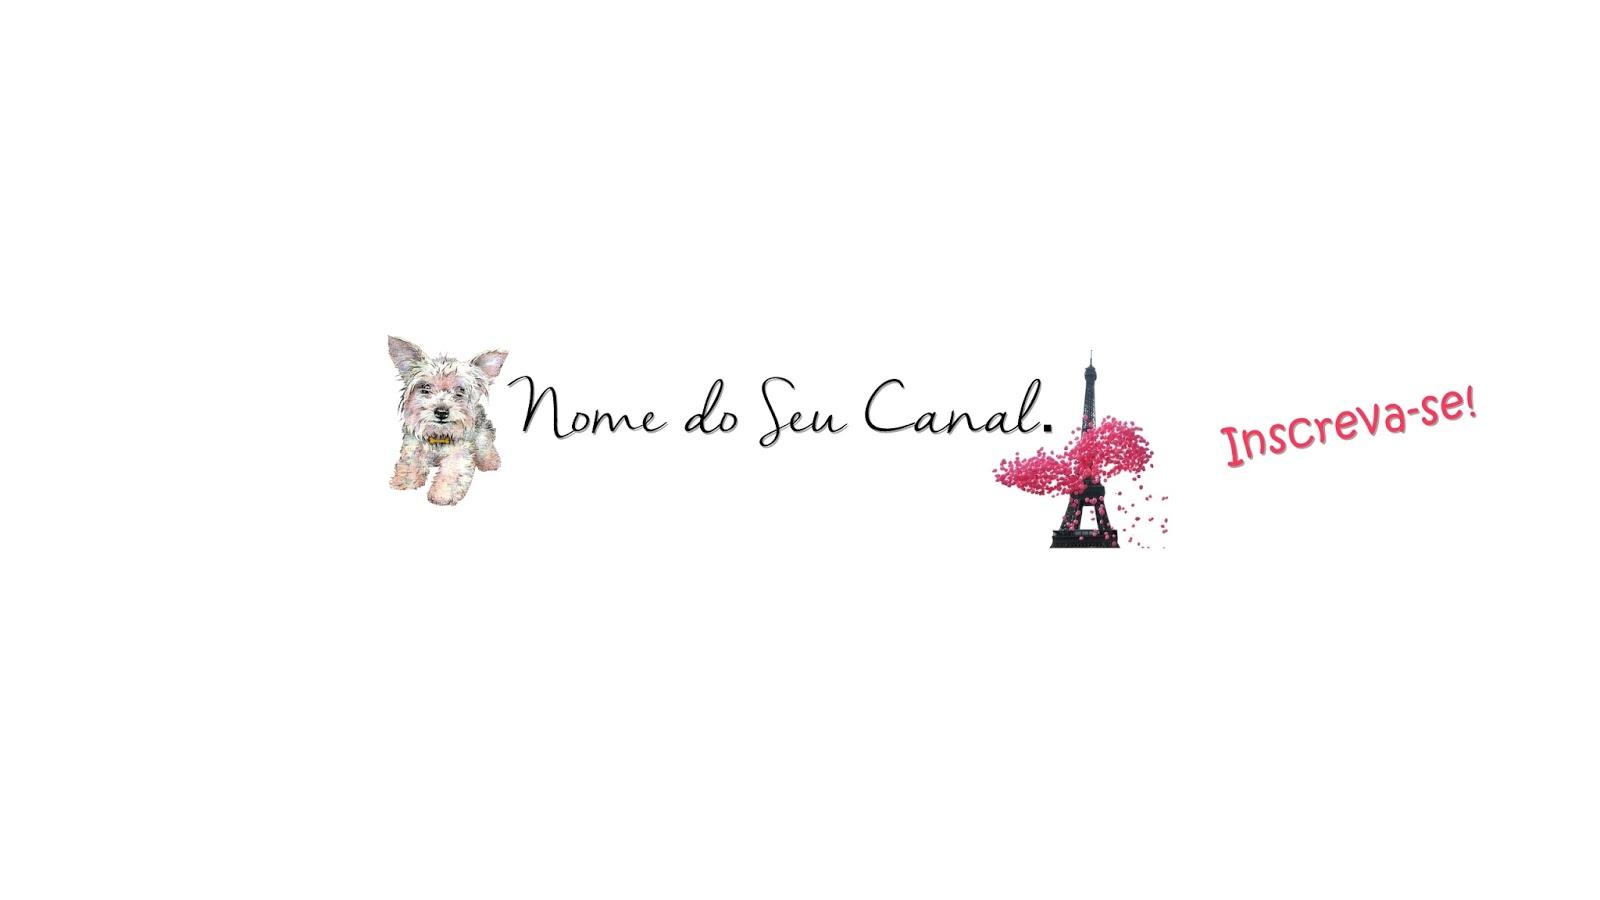 Capa De Youtube 2048x1152: Jacqueline Rodrigues: Capas Para Canais Femininos Grátis